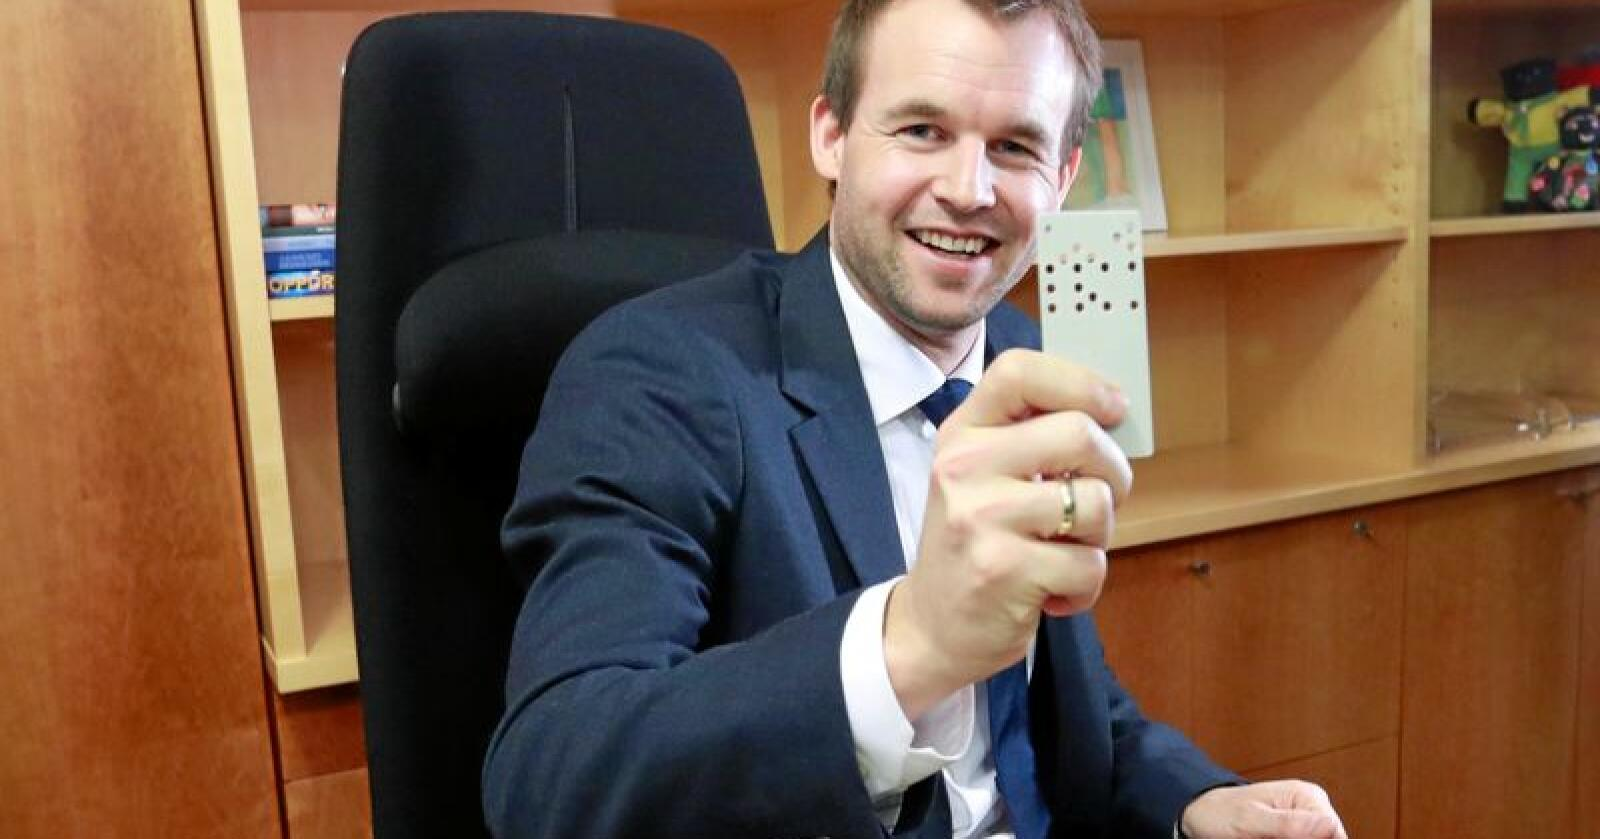 Jeg er ingen mørkemann, slår Norges nye barne- og familieminister Kjell Ingolf Ropstad (KrF) fast. Tirsdag overtok han nøkkelkortet til Barne- og familiedepartementet. Foto: Heiko Junge / NTB scanpix